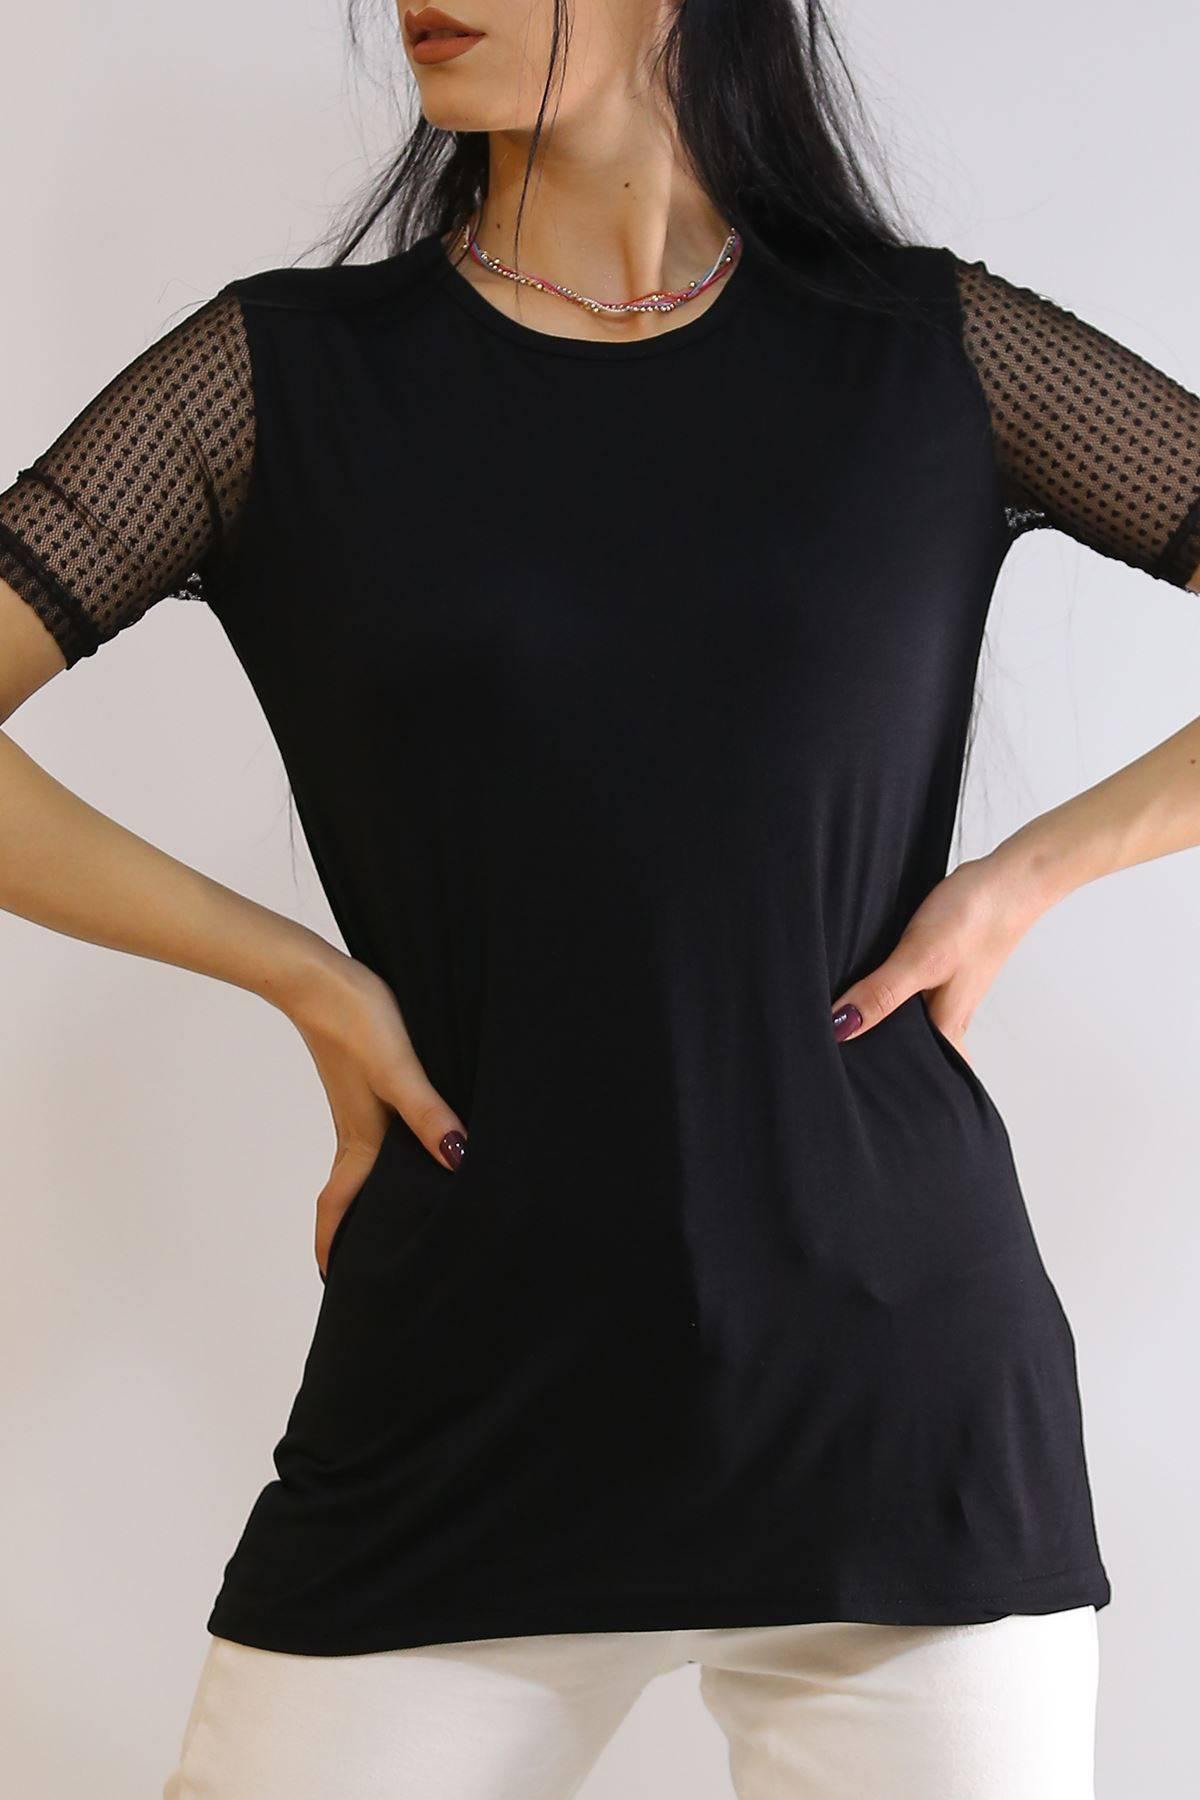 Kol Tüllü Tişört Siyah - 5956.599.